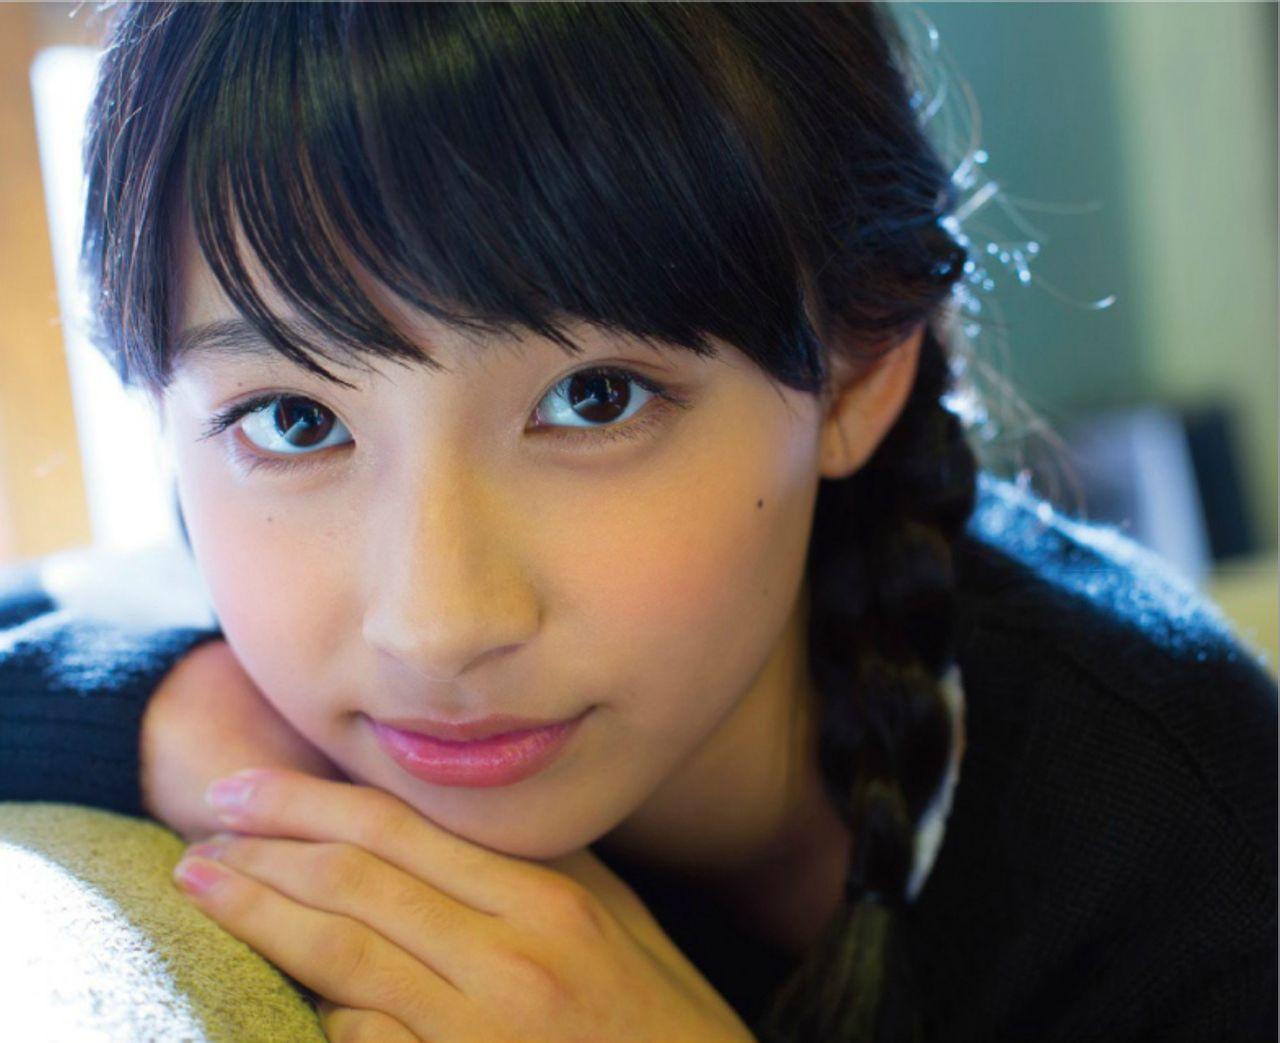 美少女で話題の天才子役・吉田里琴の現在の姿が可愛すぎる件!のサムネイル画像